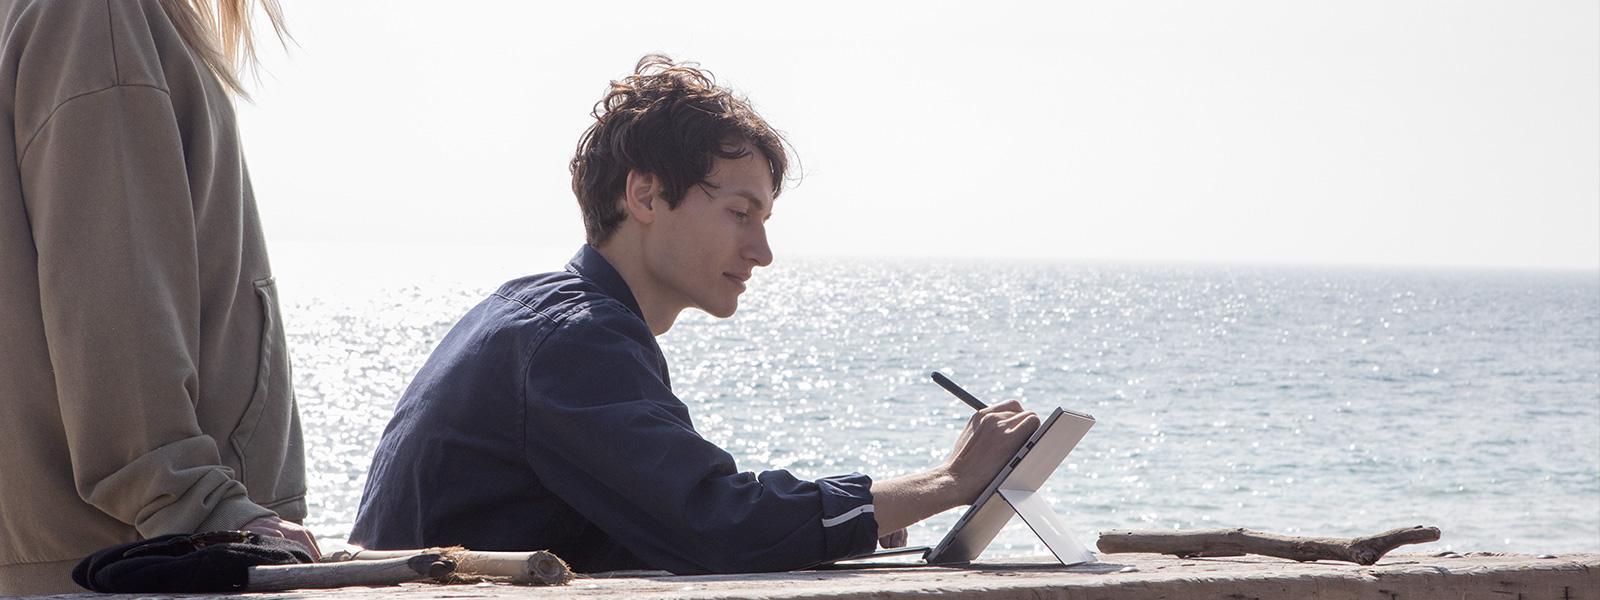 男人在室外环境中使用 Surface Pro